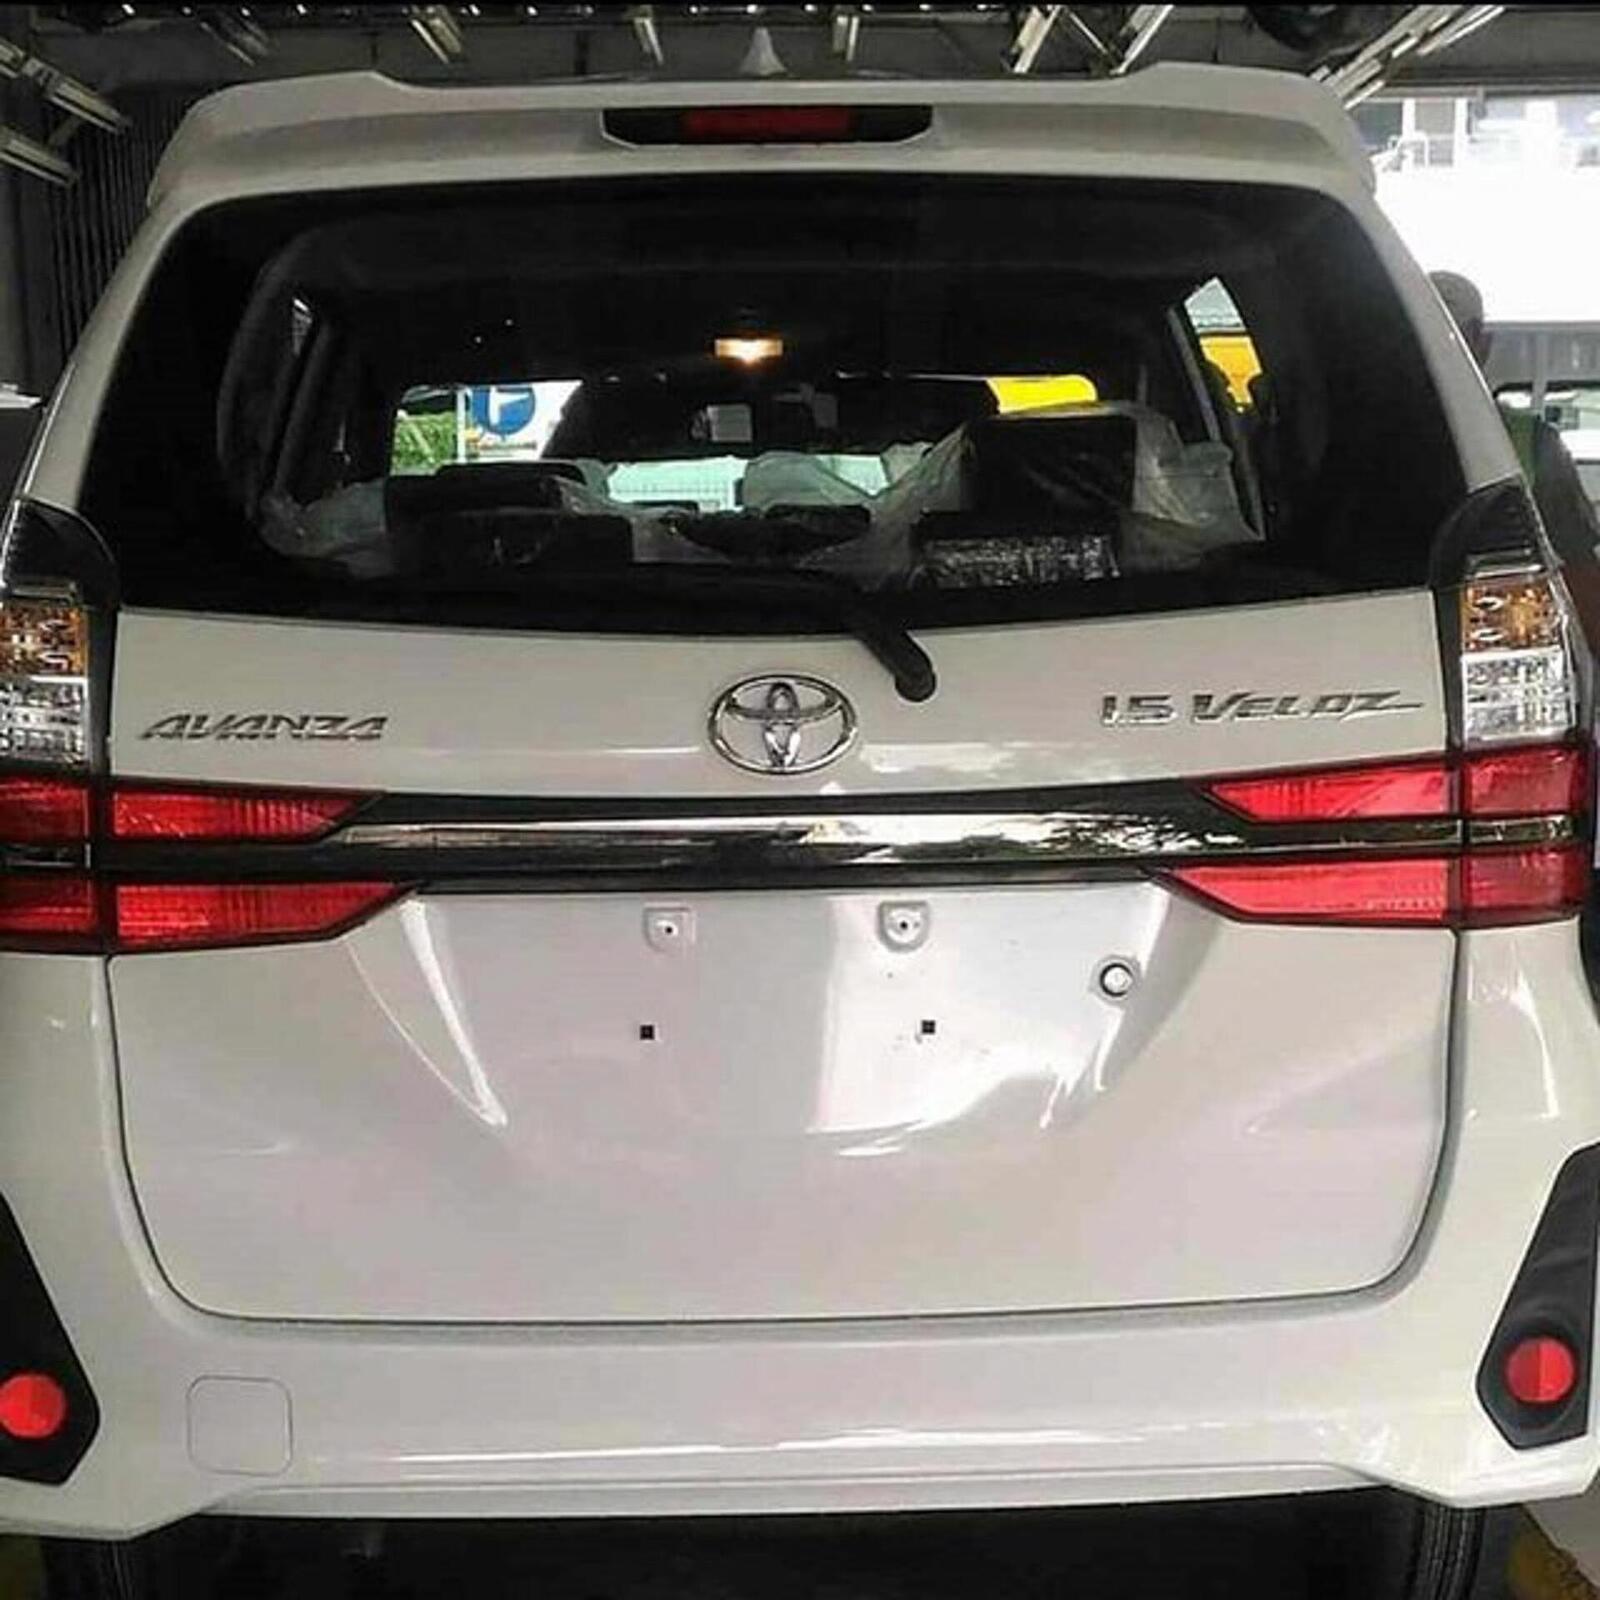 Lộ diện Toyota Avanza 2019 phiên bản nâng cấp Facelift mới với thiết kế đẹp phiên bản cũ - Hình 10